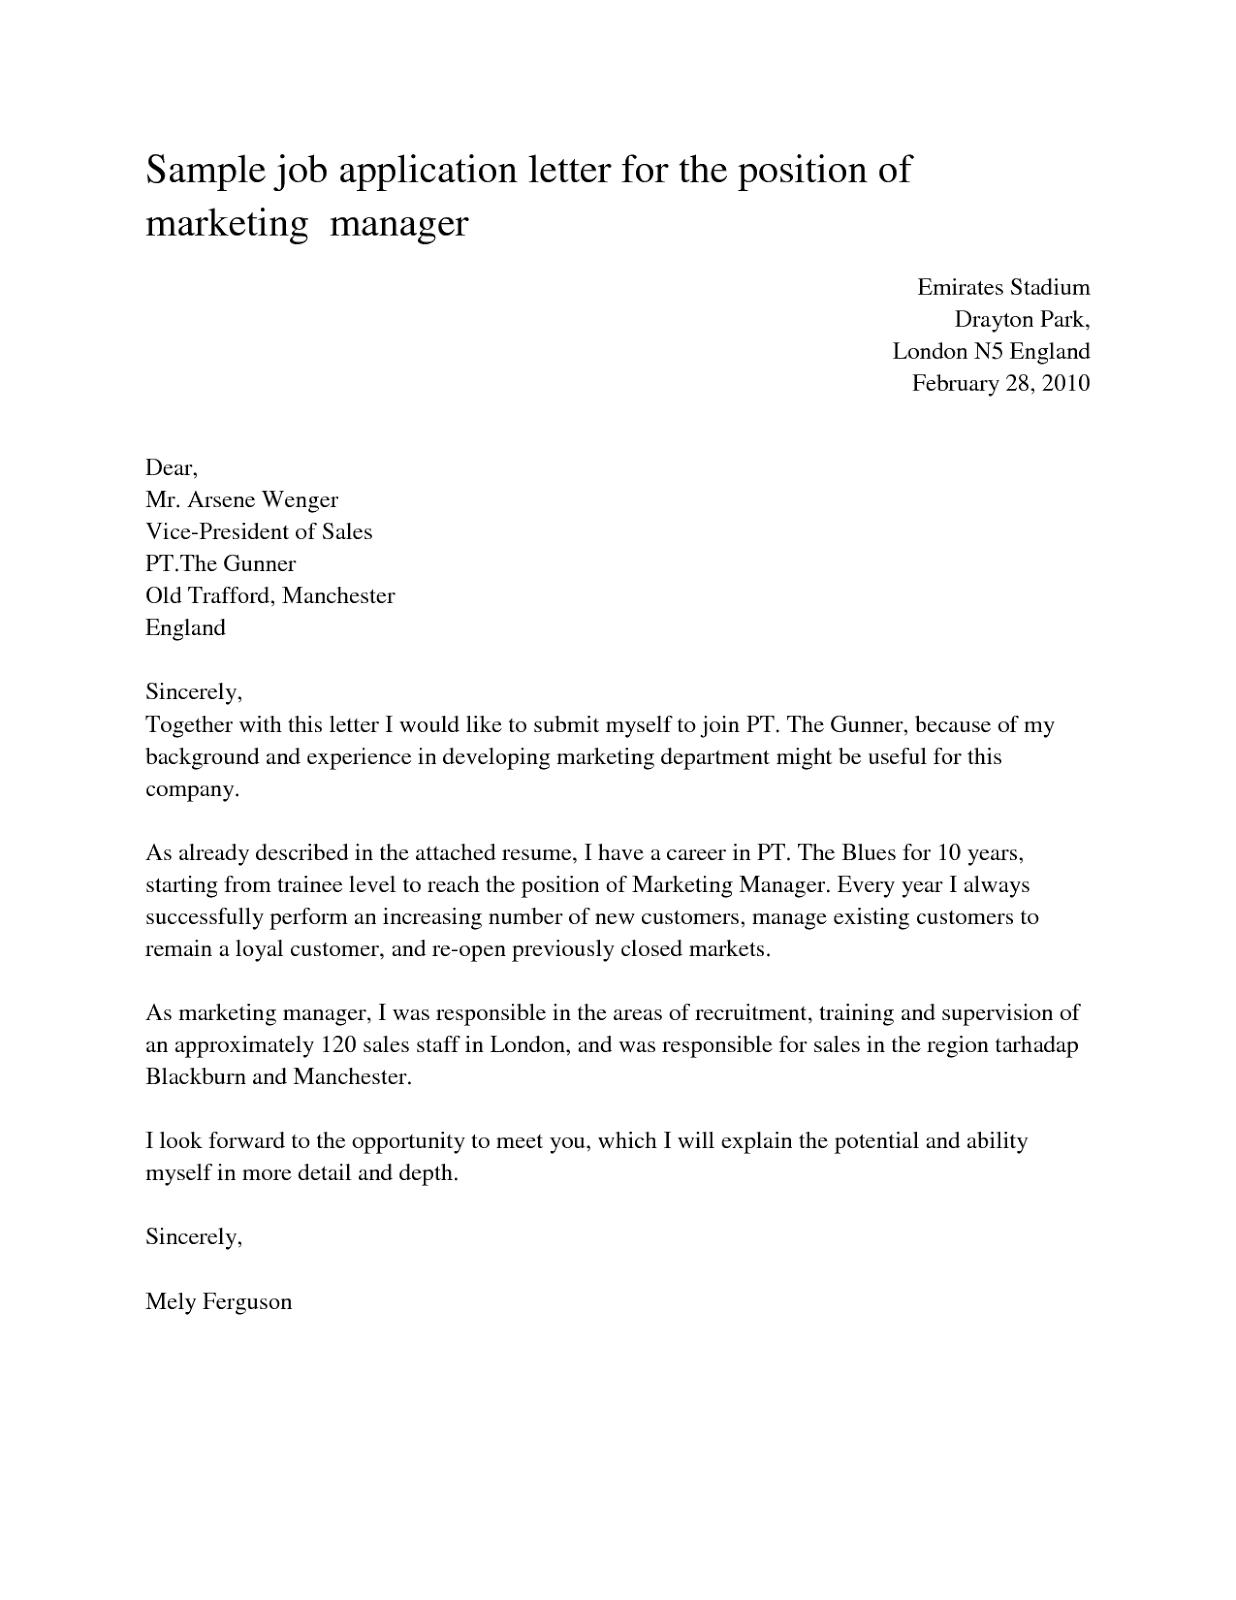 job application letter sample 5